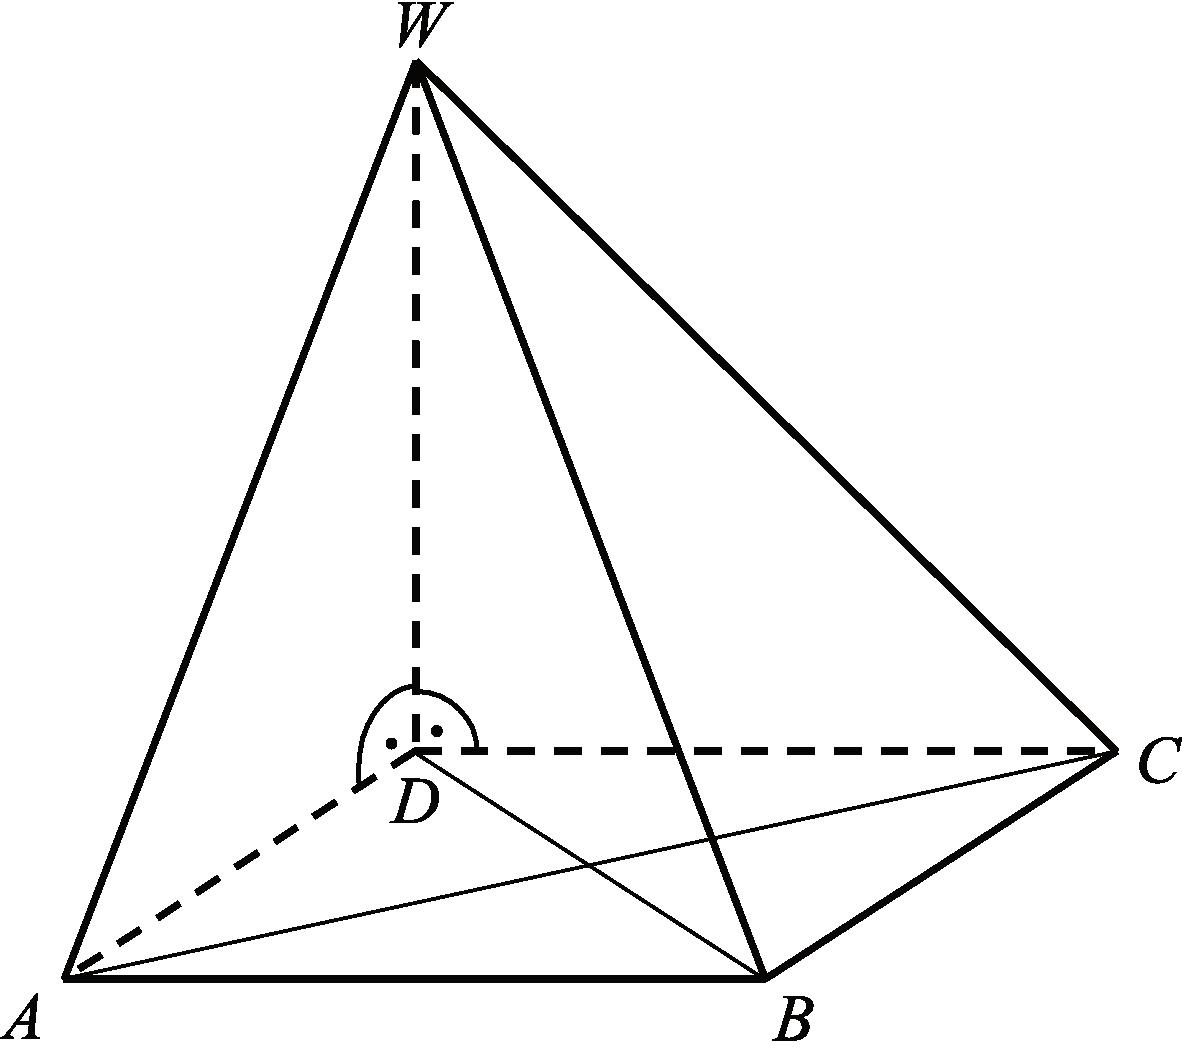 podstawą ostrosłupa ABCDW jest prostokąt ABCD